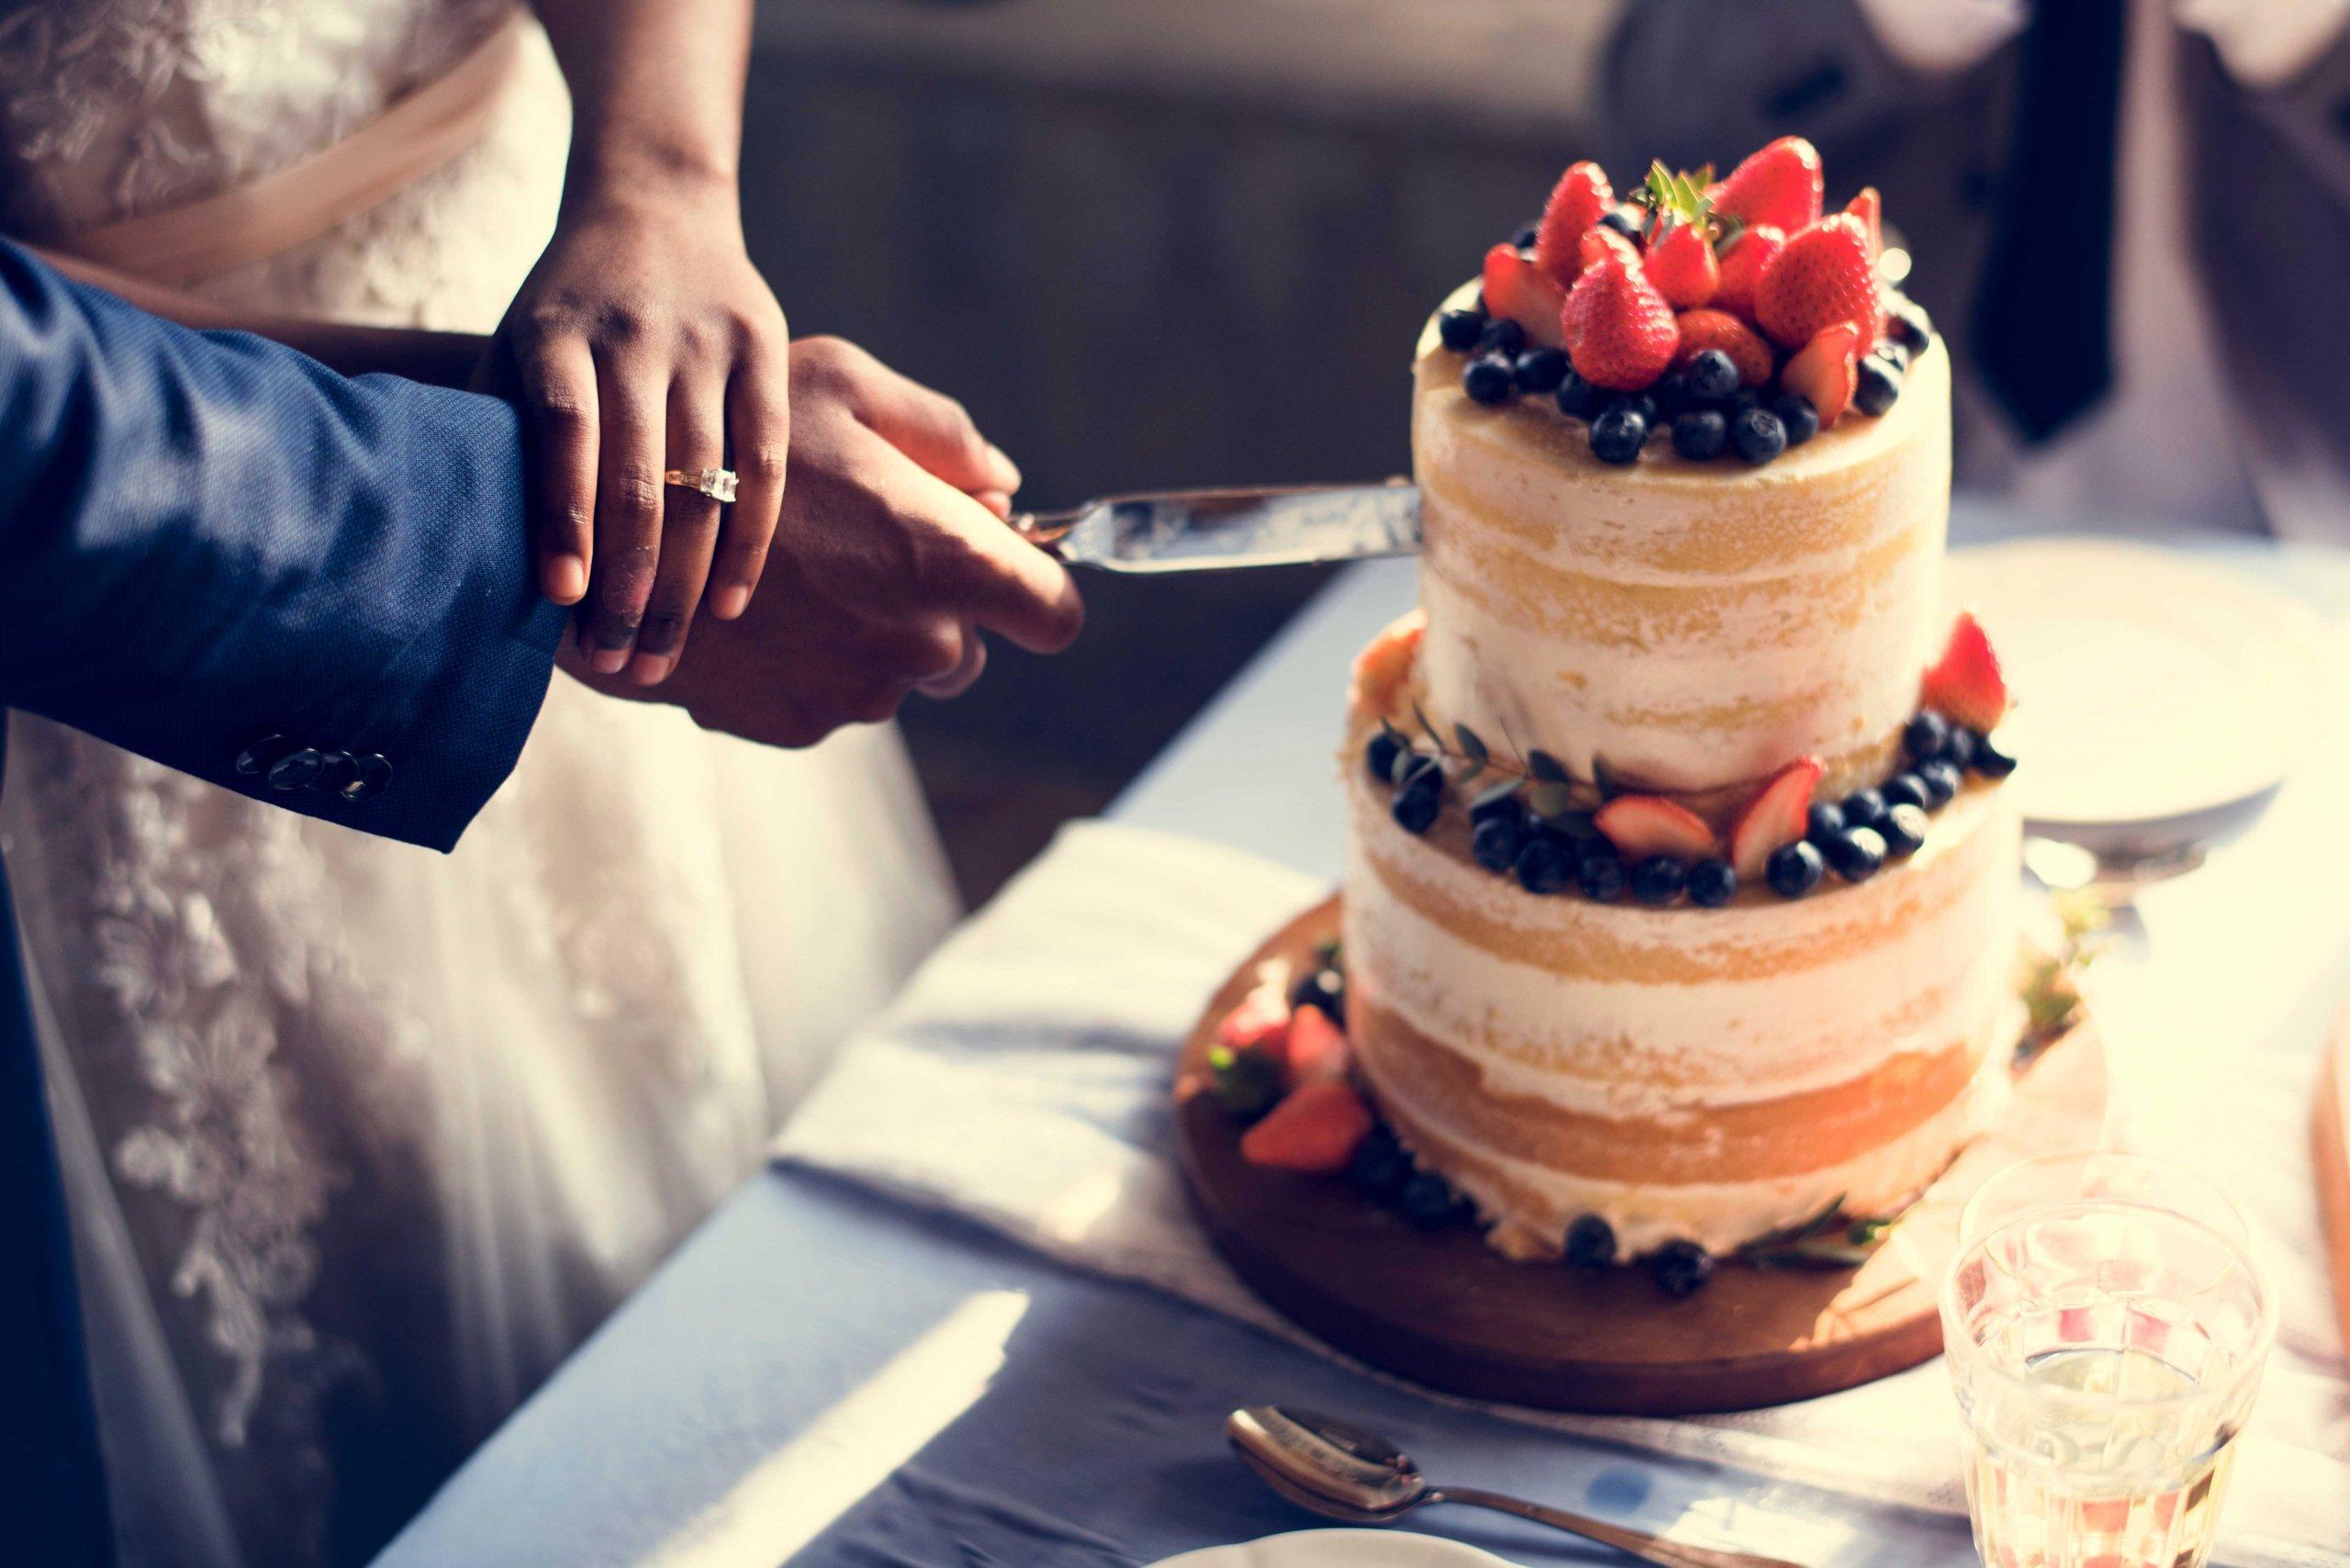 wedding cake couple cut hands togethe for webr